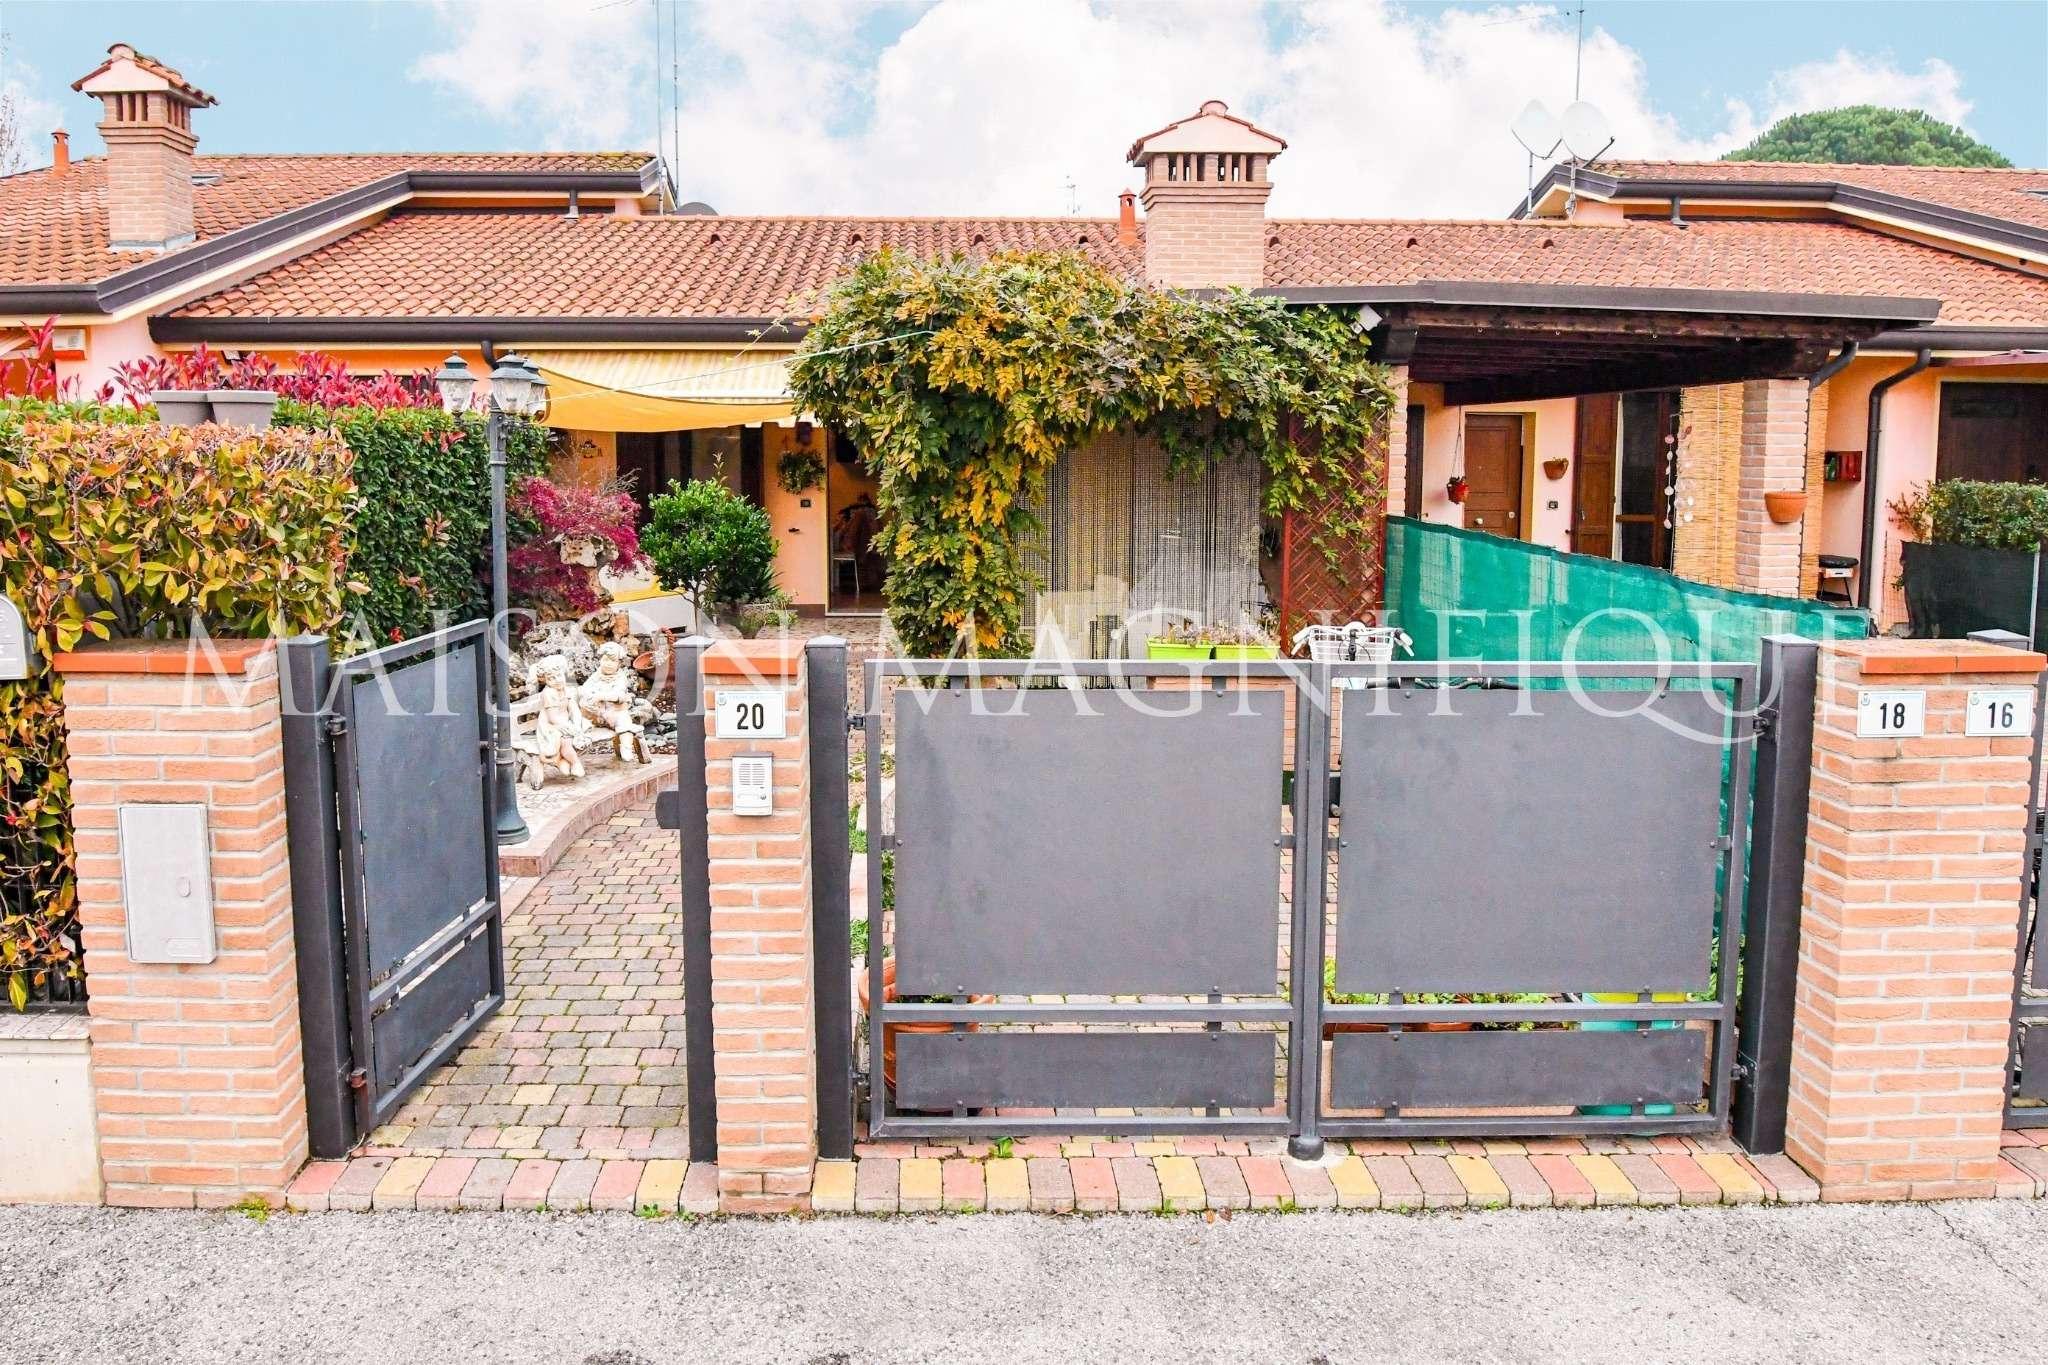 Appartamento in vendita a Codigoro, 2 locali, prezzo € 95.000 | PortaleAgenzieImmobiliari.it